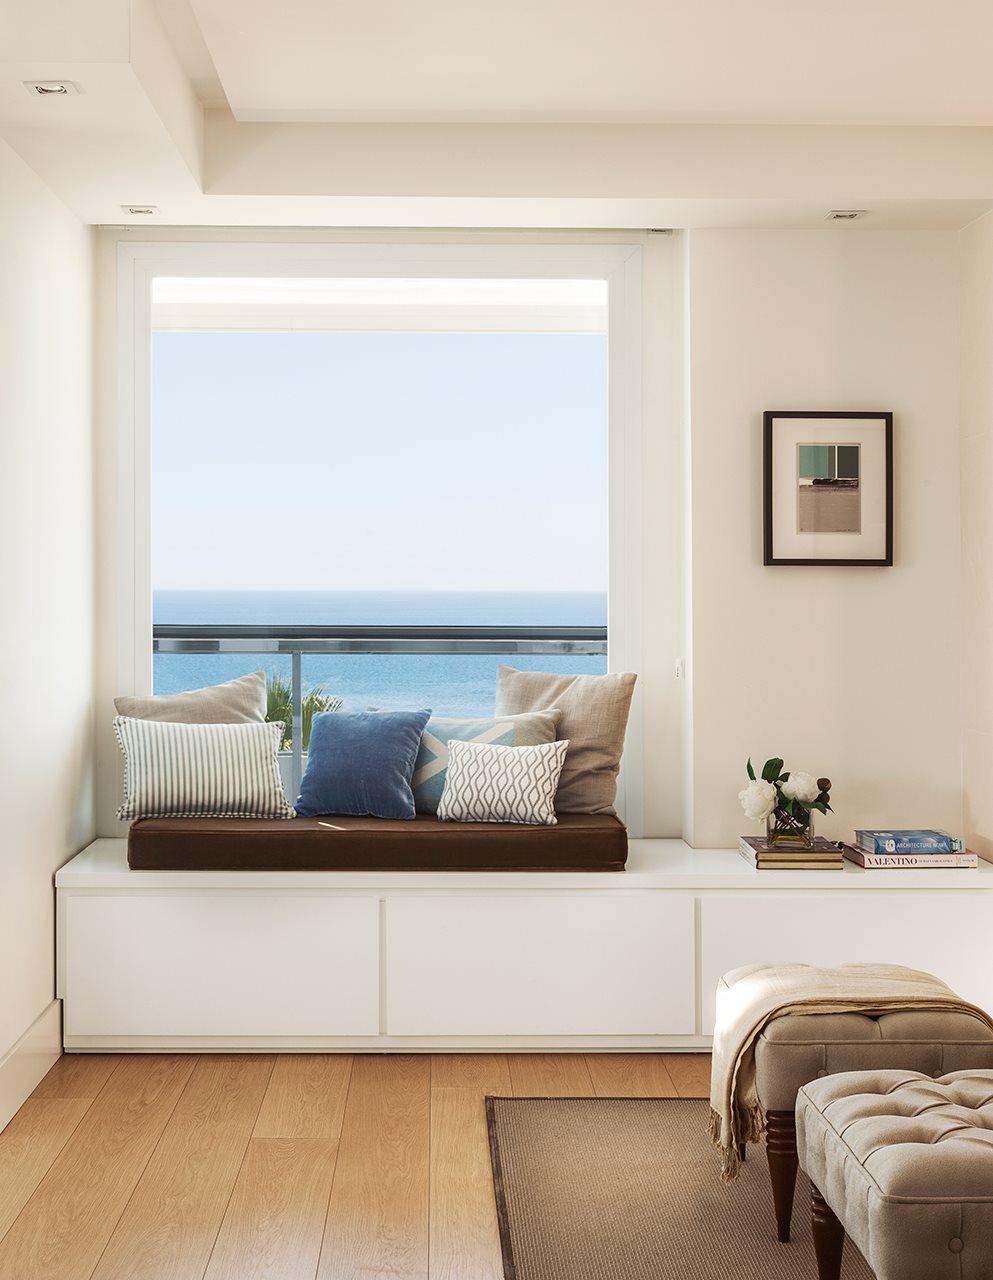 """9 1 - Precioso piso de ensueño en Málaga: """"Las vistas al mar no tienen precio"""""""